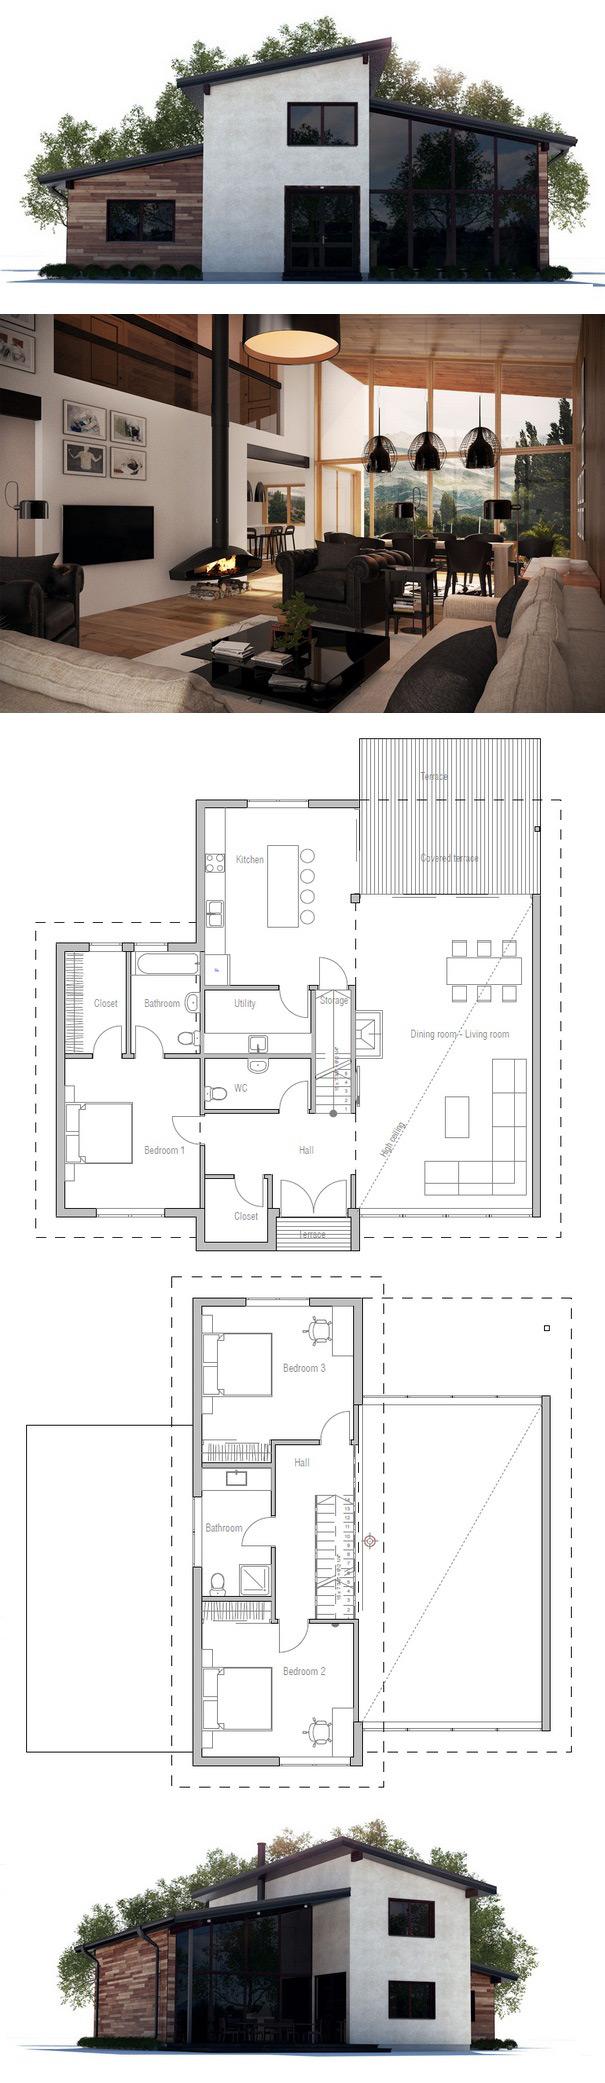 plan de petite maison                                                                                                                                                      Plus